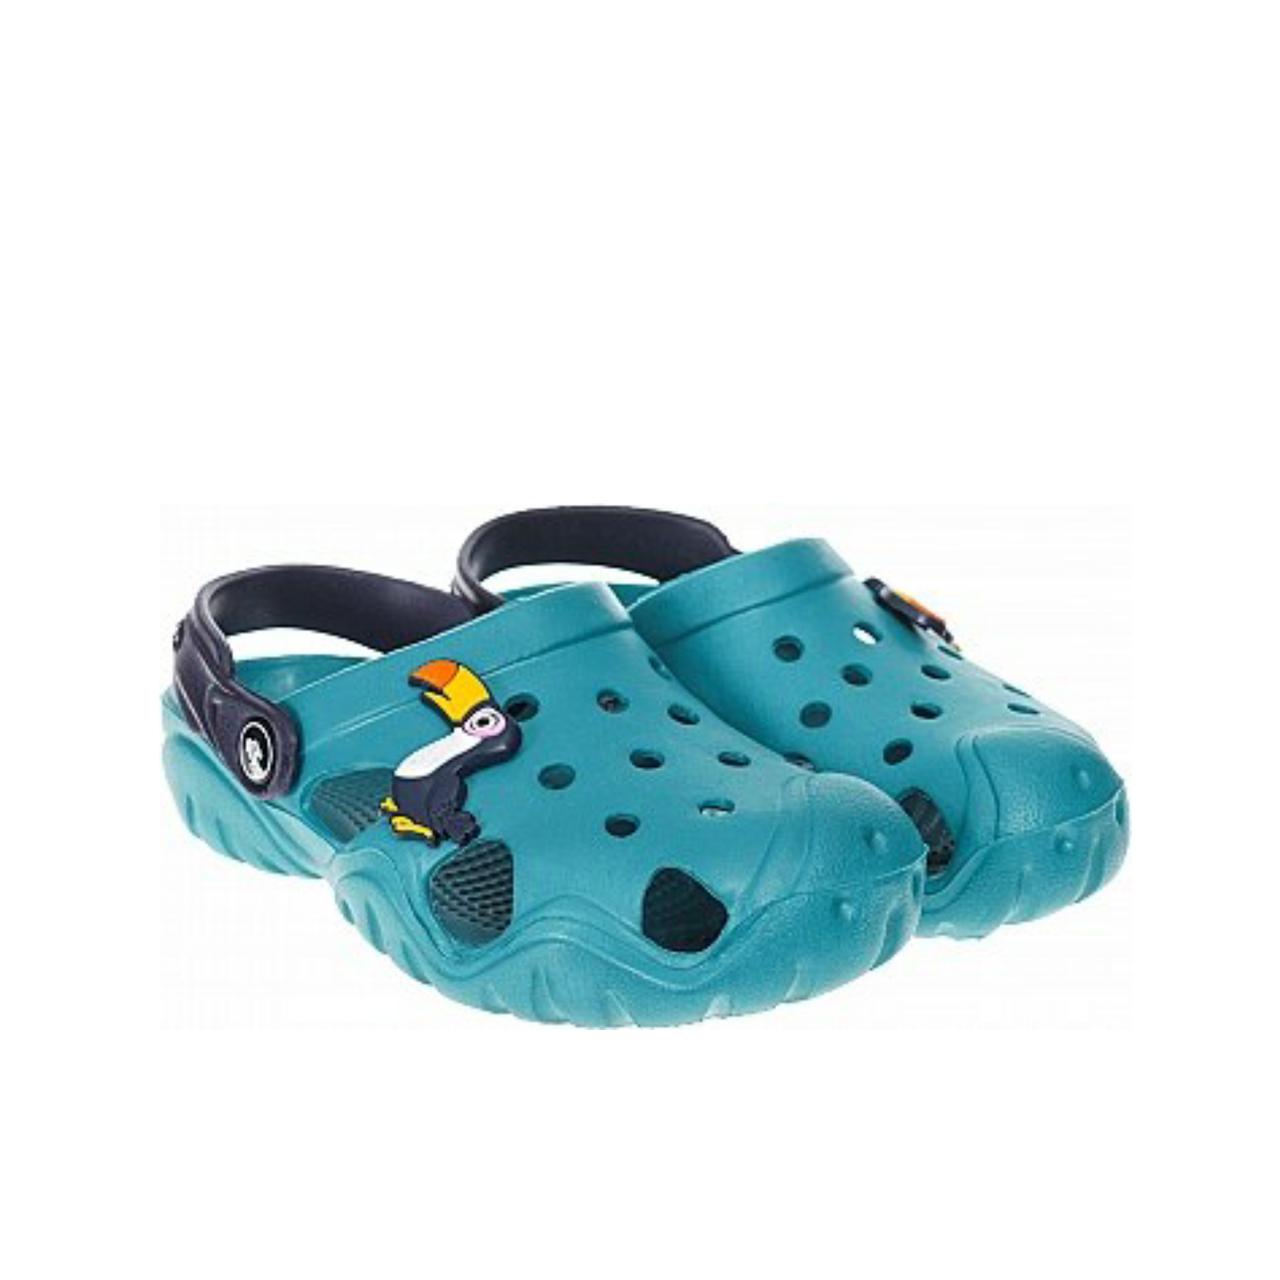 Дитячі крокси сабо з піни, блакитні з темно-синім сабо хлопчикам і дівчаткам на пляж, у двір